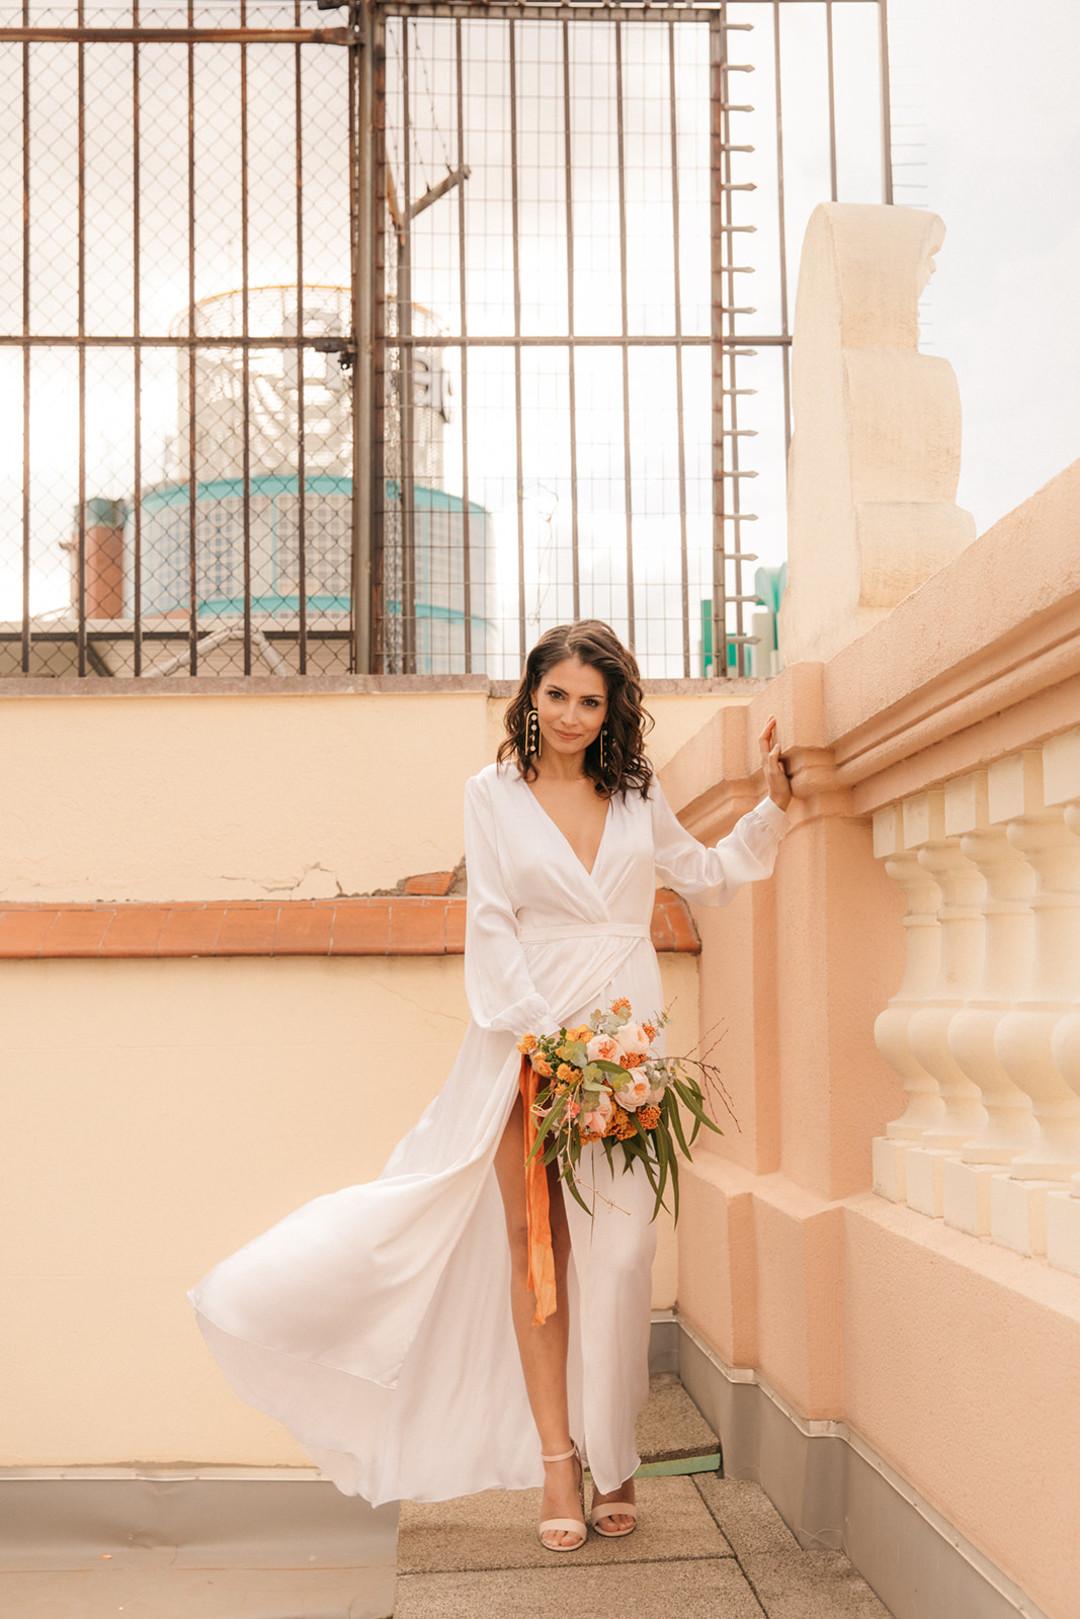 bröllop+klädsel+brudklänning